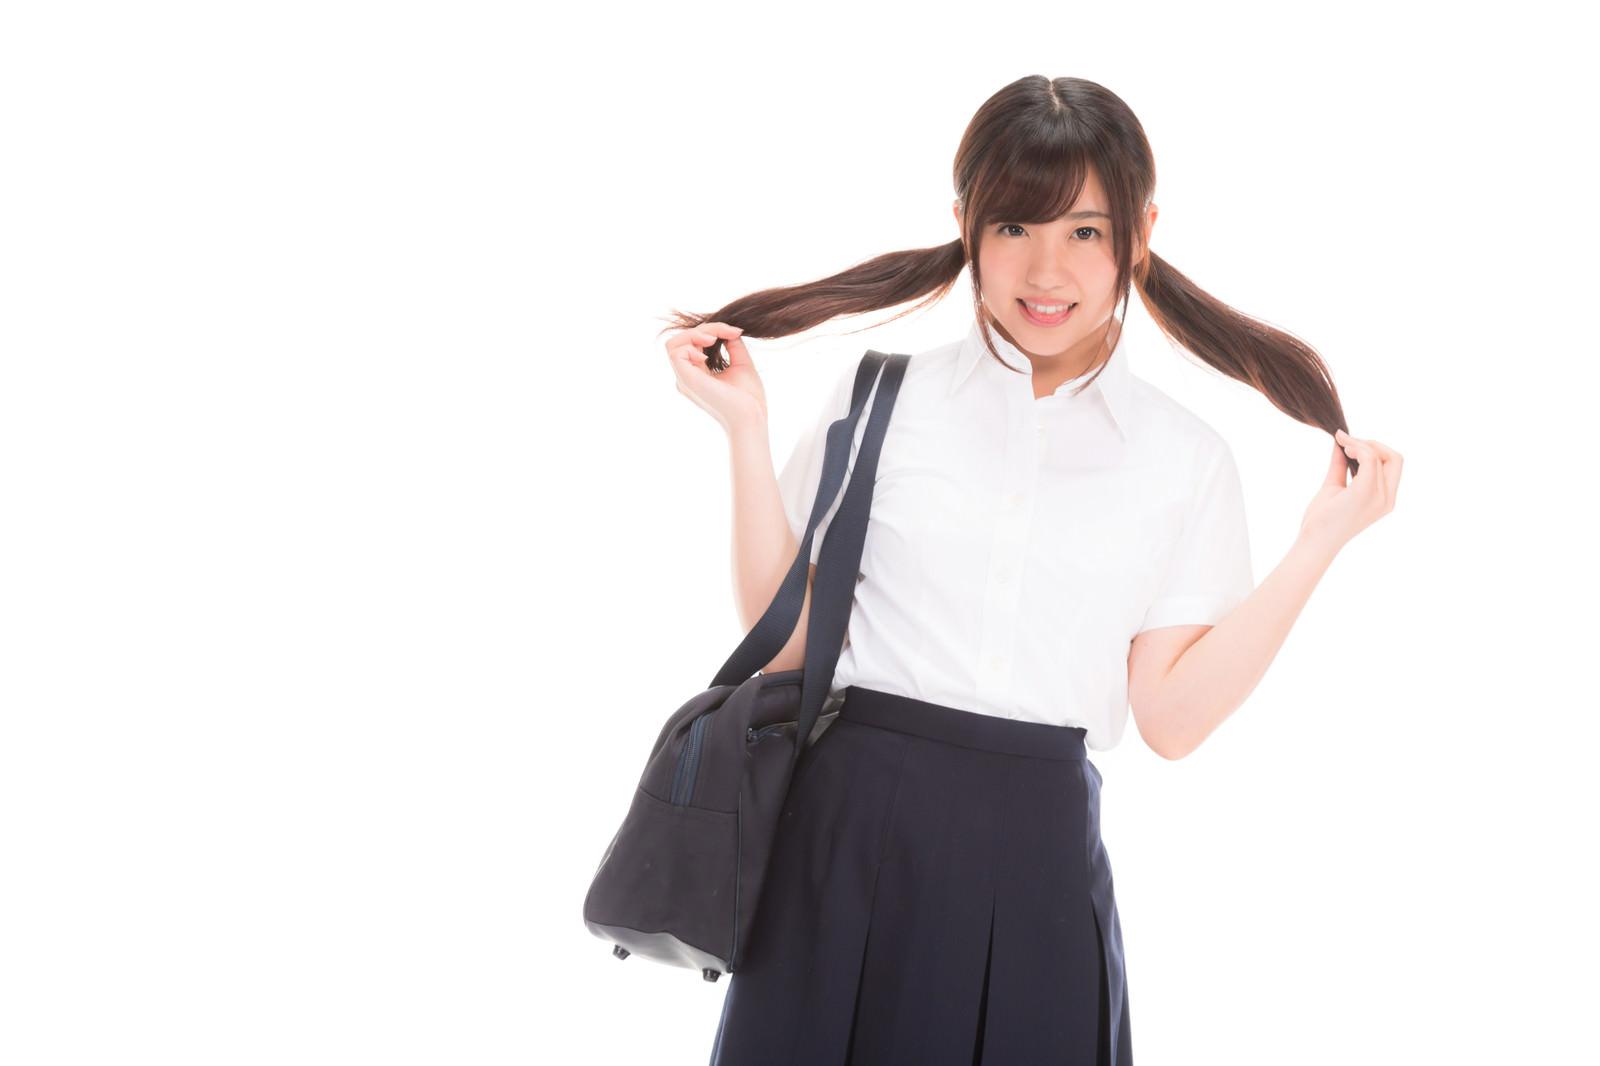 「ちょっぴり照れる女子高生」の写真[モデル:河村友歌]